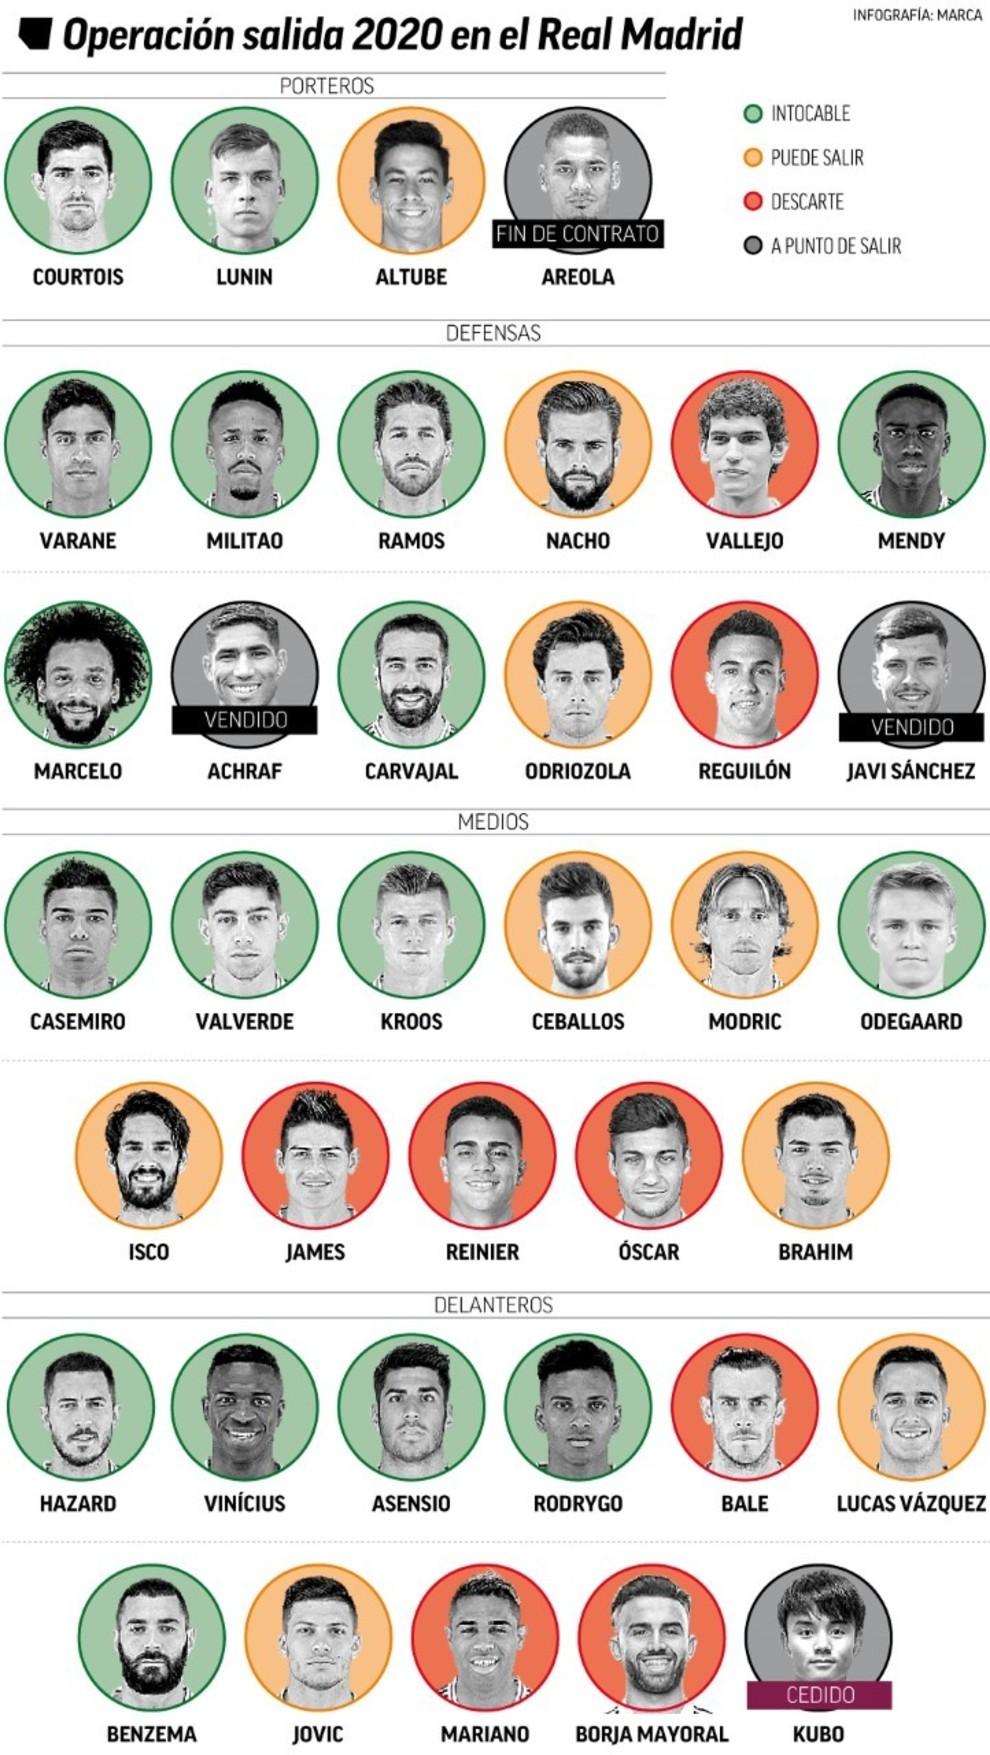 возможные трансферы, трансферы, Реал Мадрид